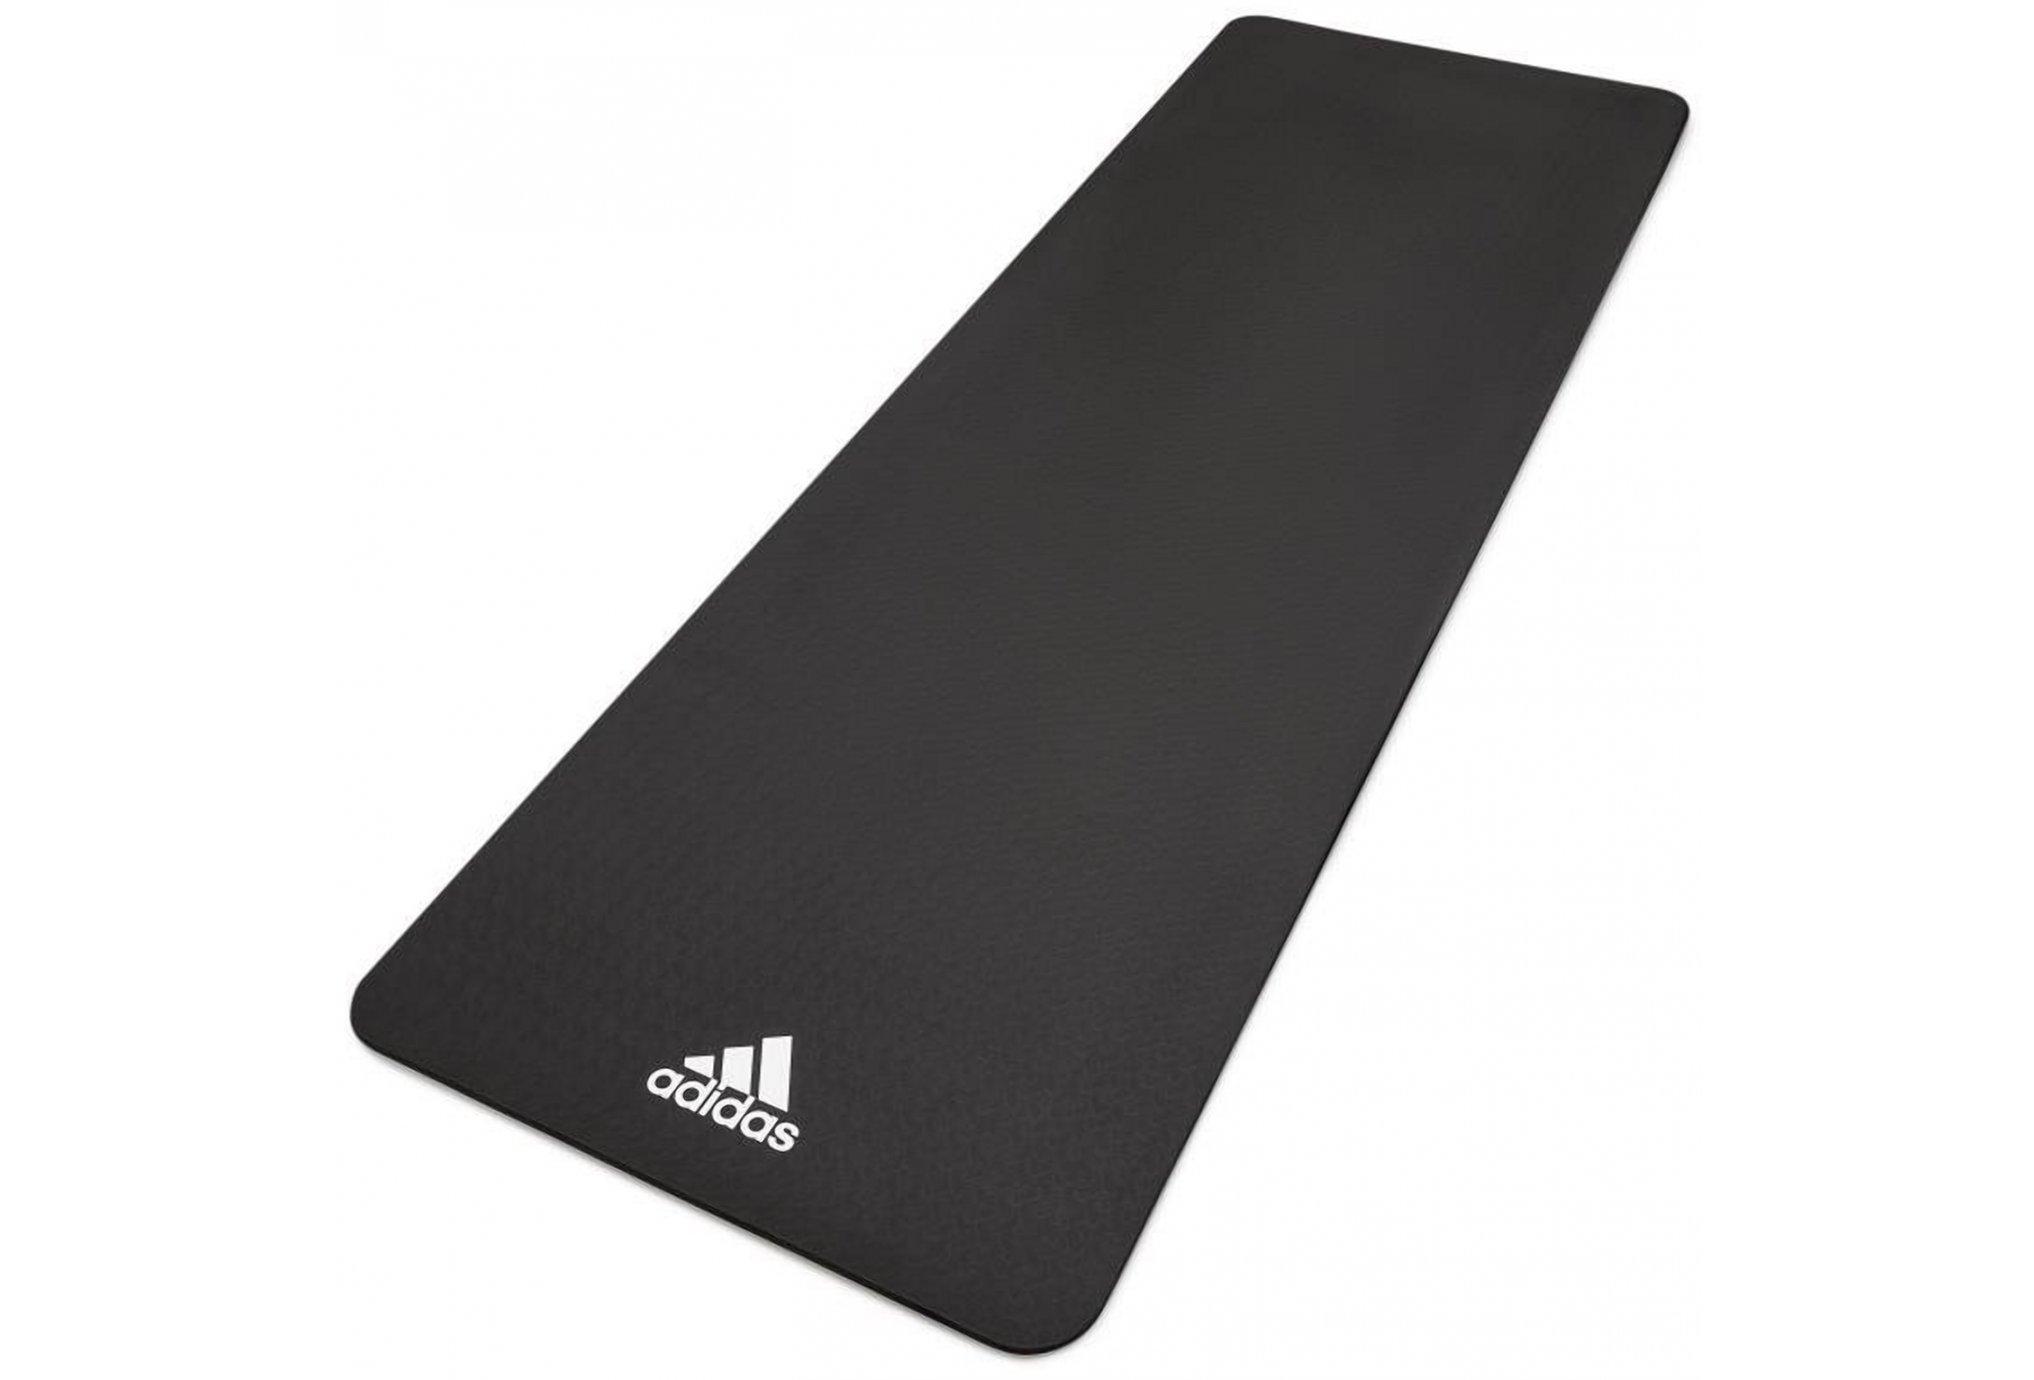 adidas Yoga Mat - 8 mm Training